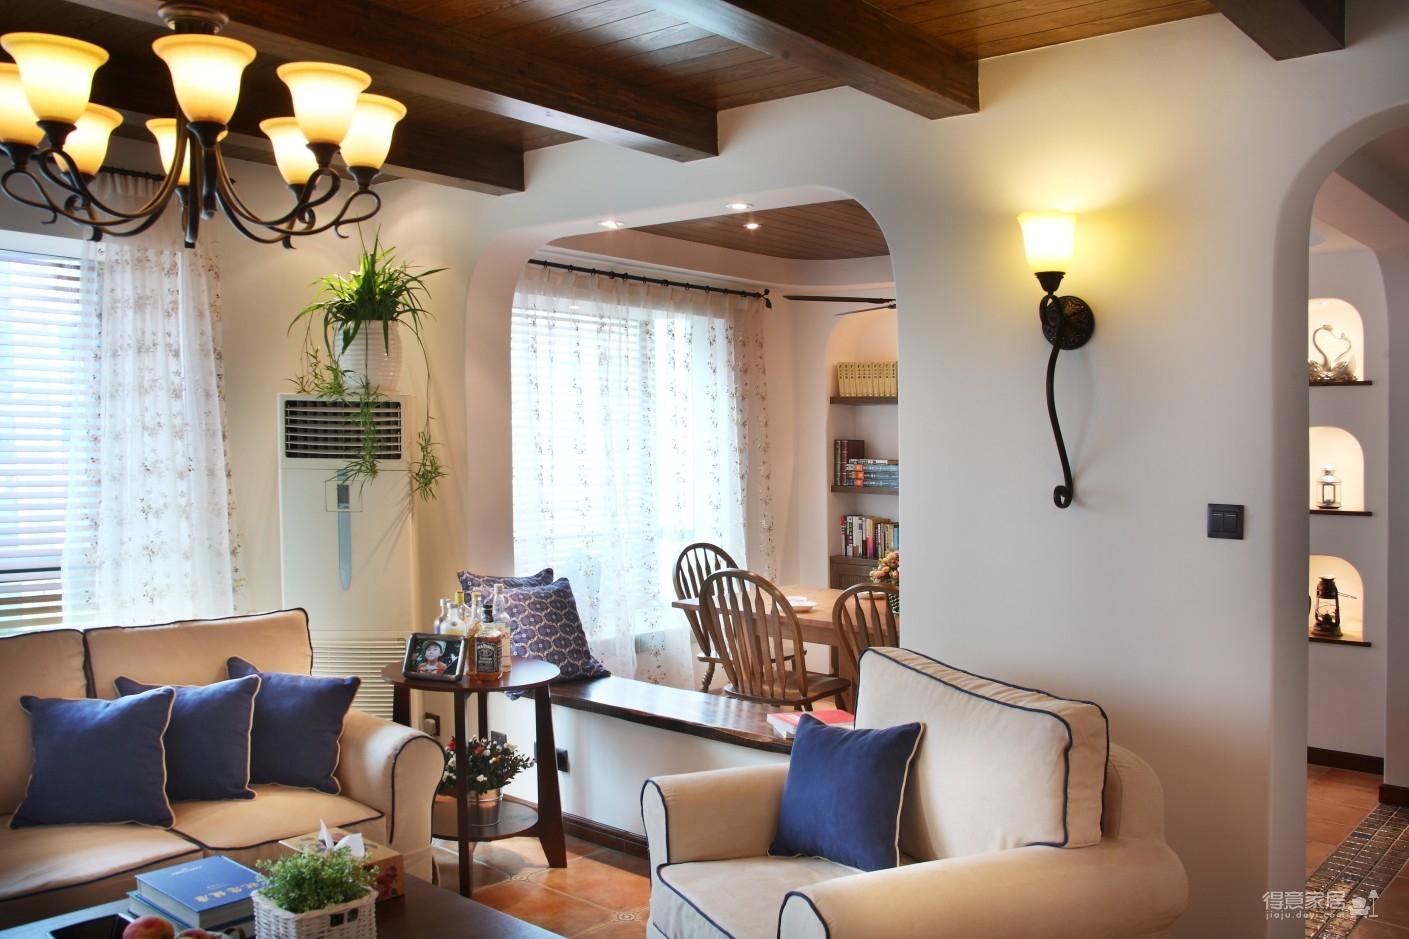 130㎡空间里的圆拱门,让家更添复古时尚气息图_6